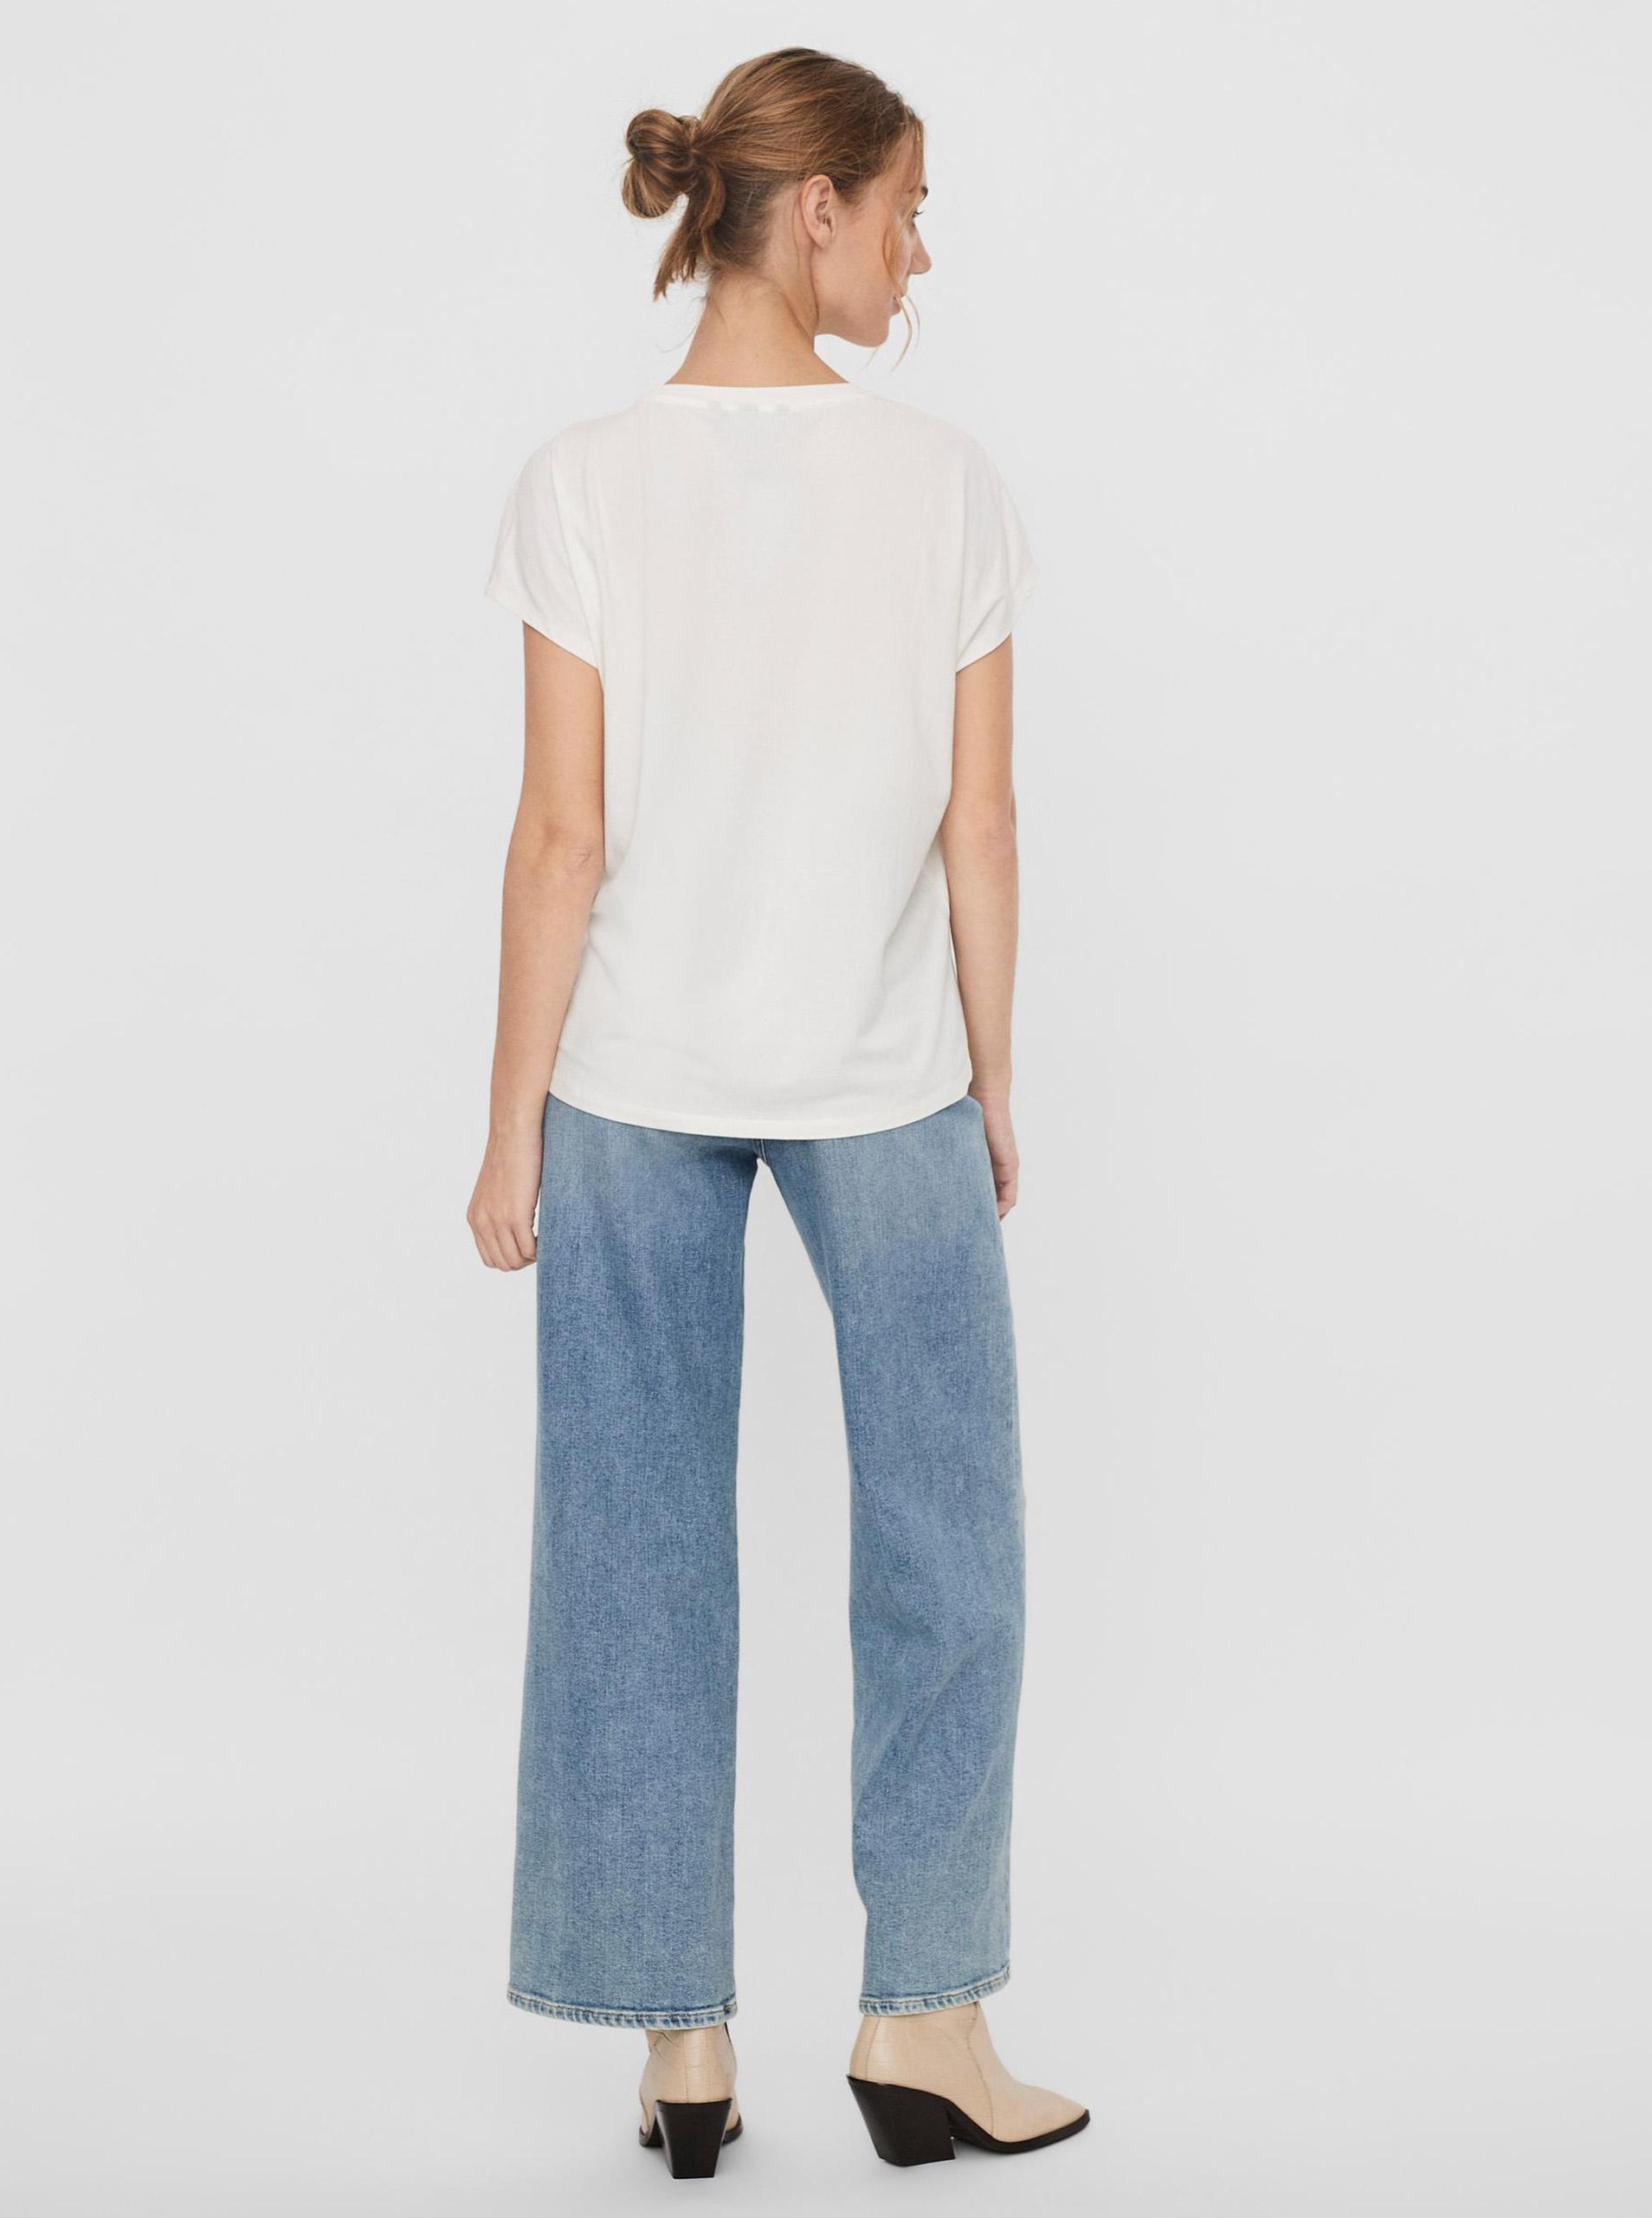 Vero Moda bianco maglietta Giava con stampa